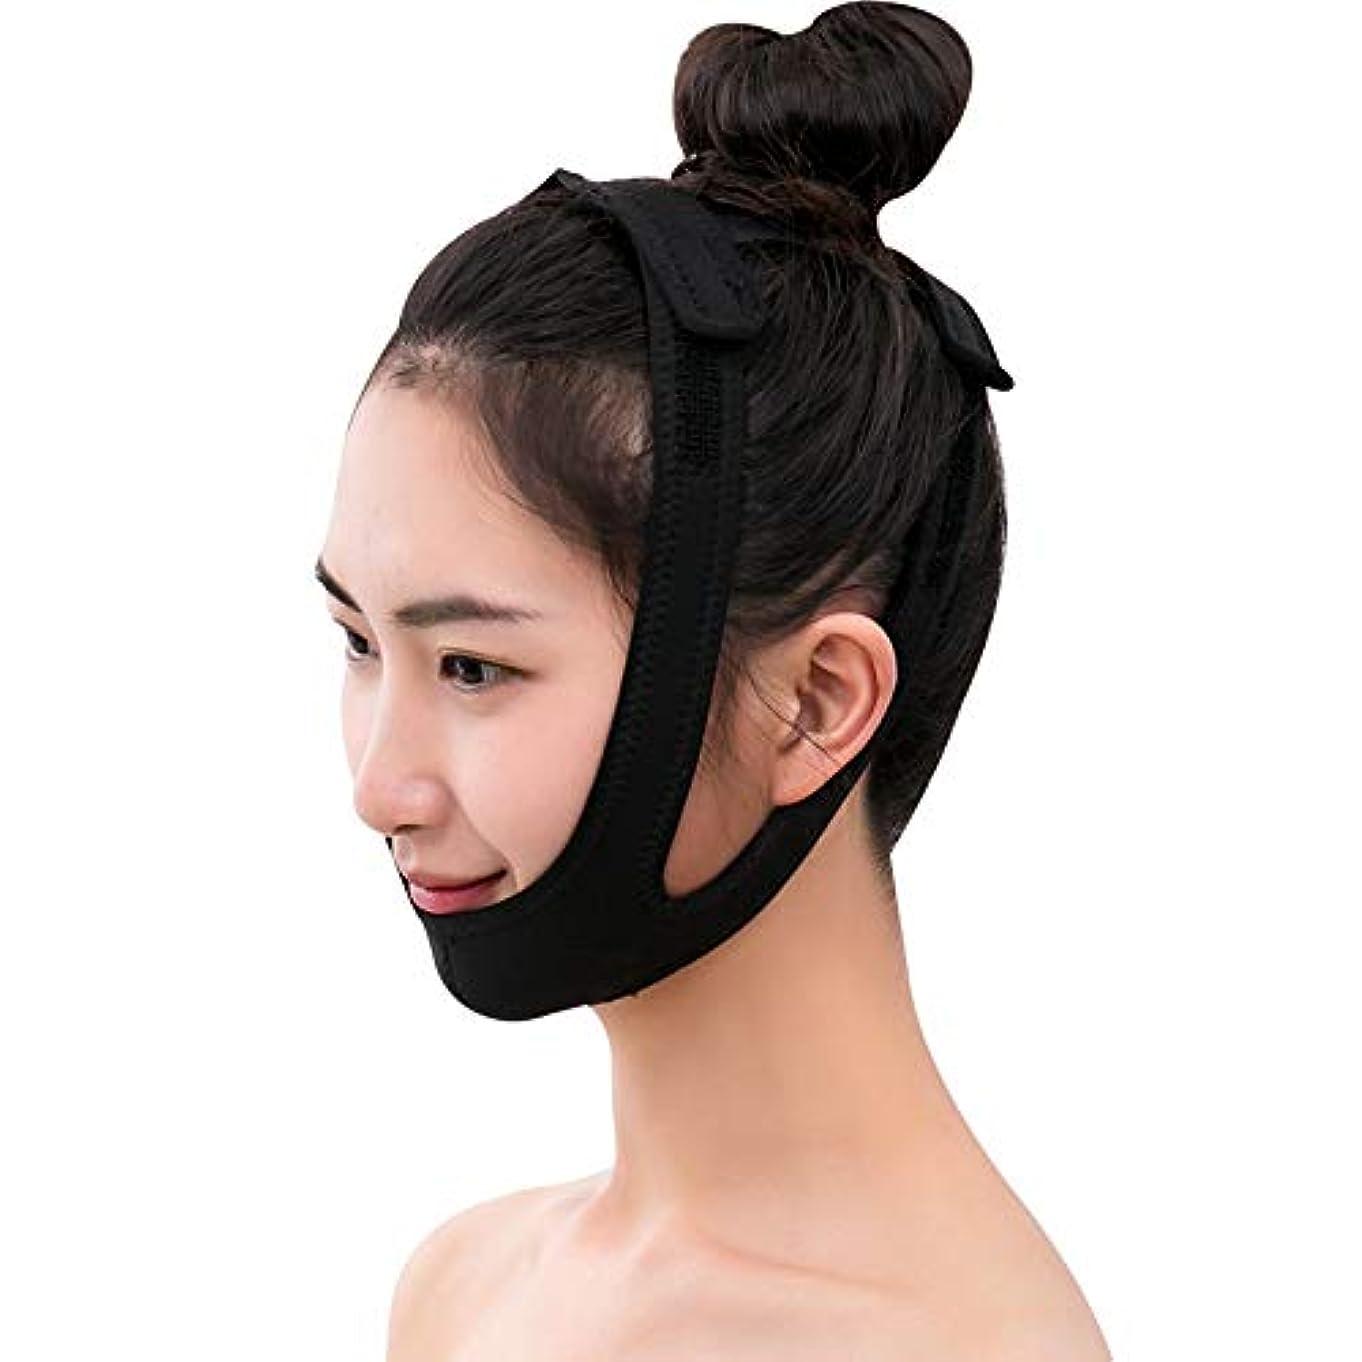 感嘆符貫通するアライメントRui Peng フェイスリフティングベルト シンフェイスバンド - シンフェイスバンデージ美容機器フェイシャルリフト睡眠マスク法Vフェイスマスクを通気性にする